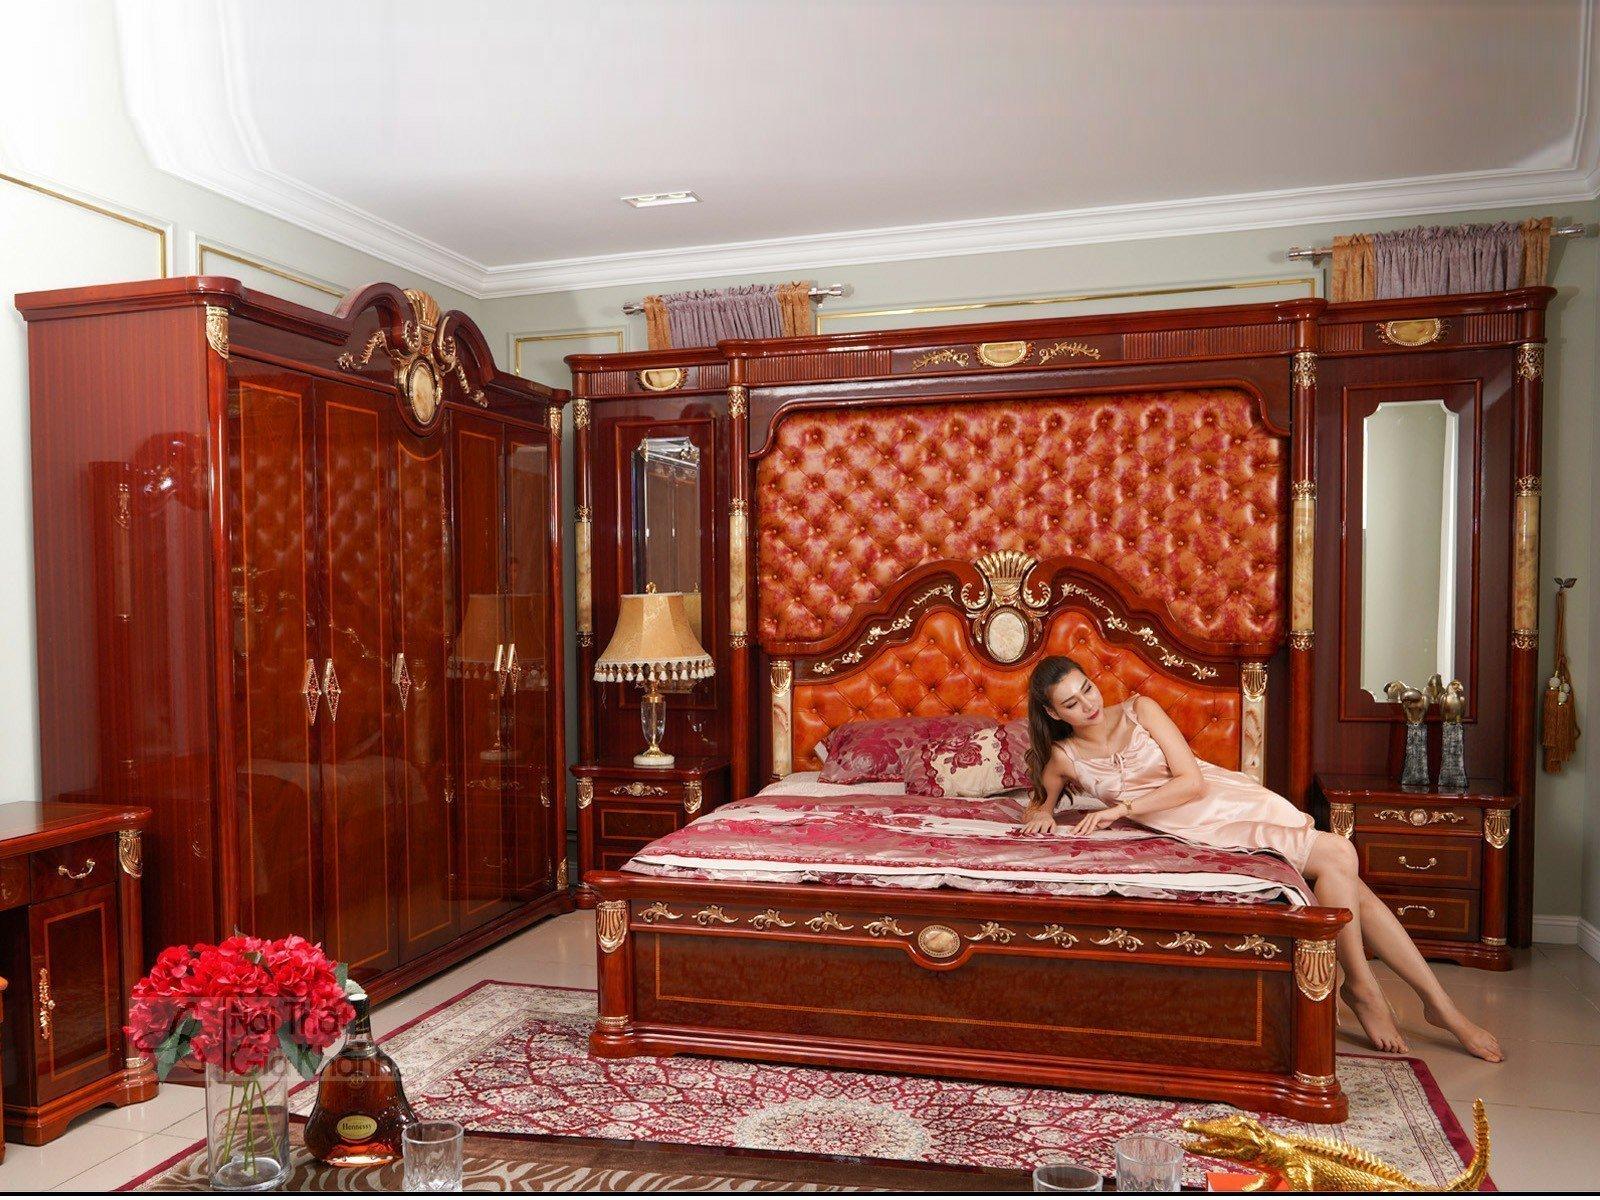 Táp đầu giường nhập khẩu KH509B - bo phong ngu tan co dien 509BG 3